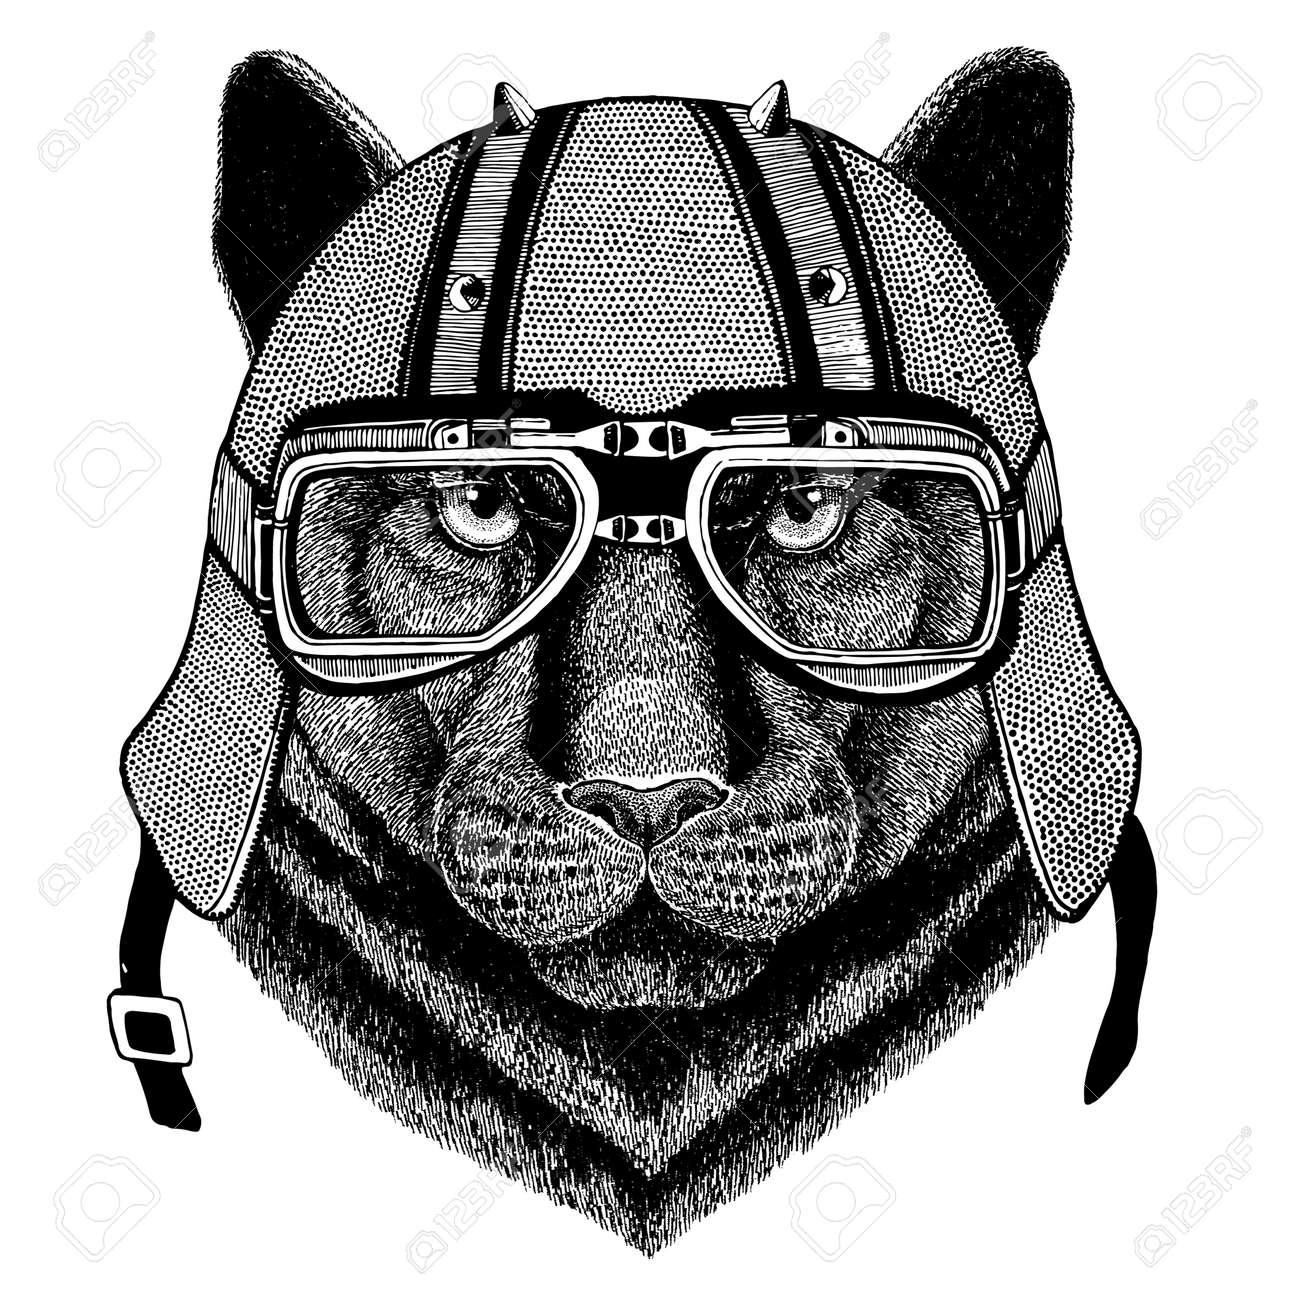 Panthère Puma Cougar Chat Sauvage Portant Un Casque De Motard Animal